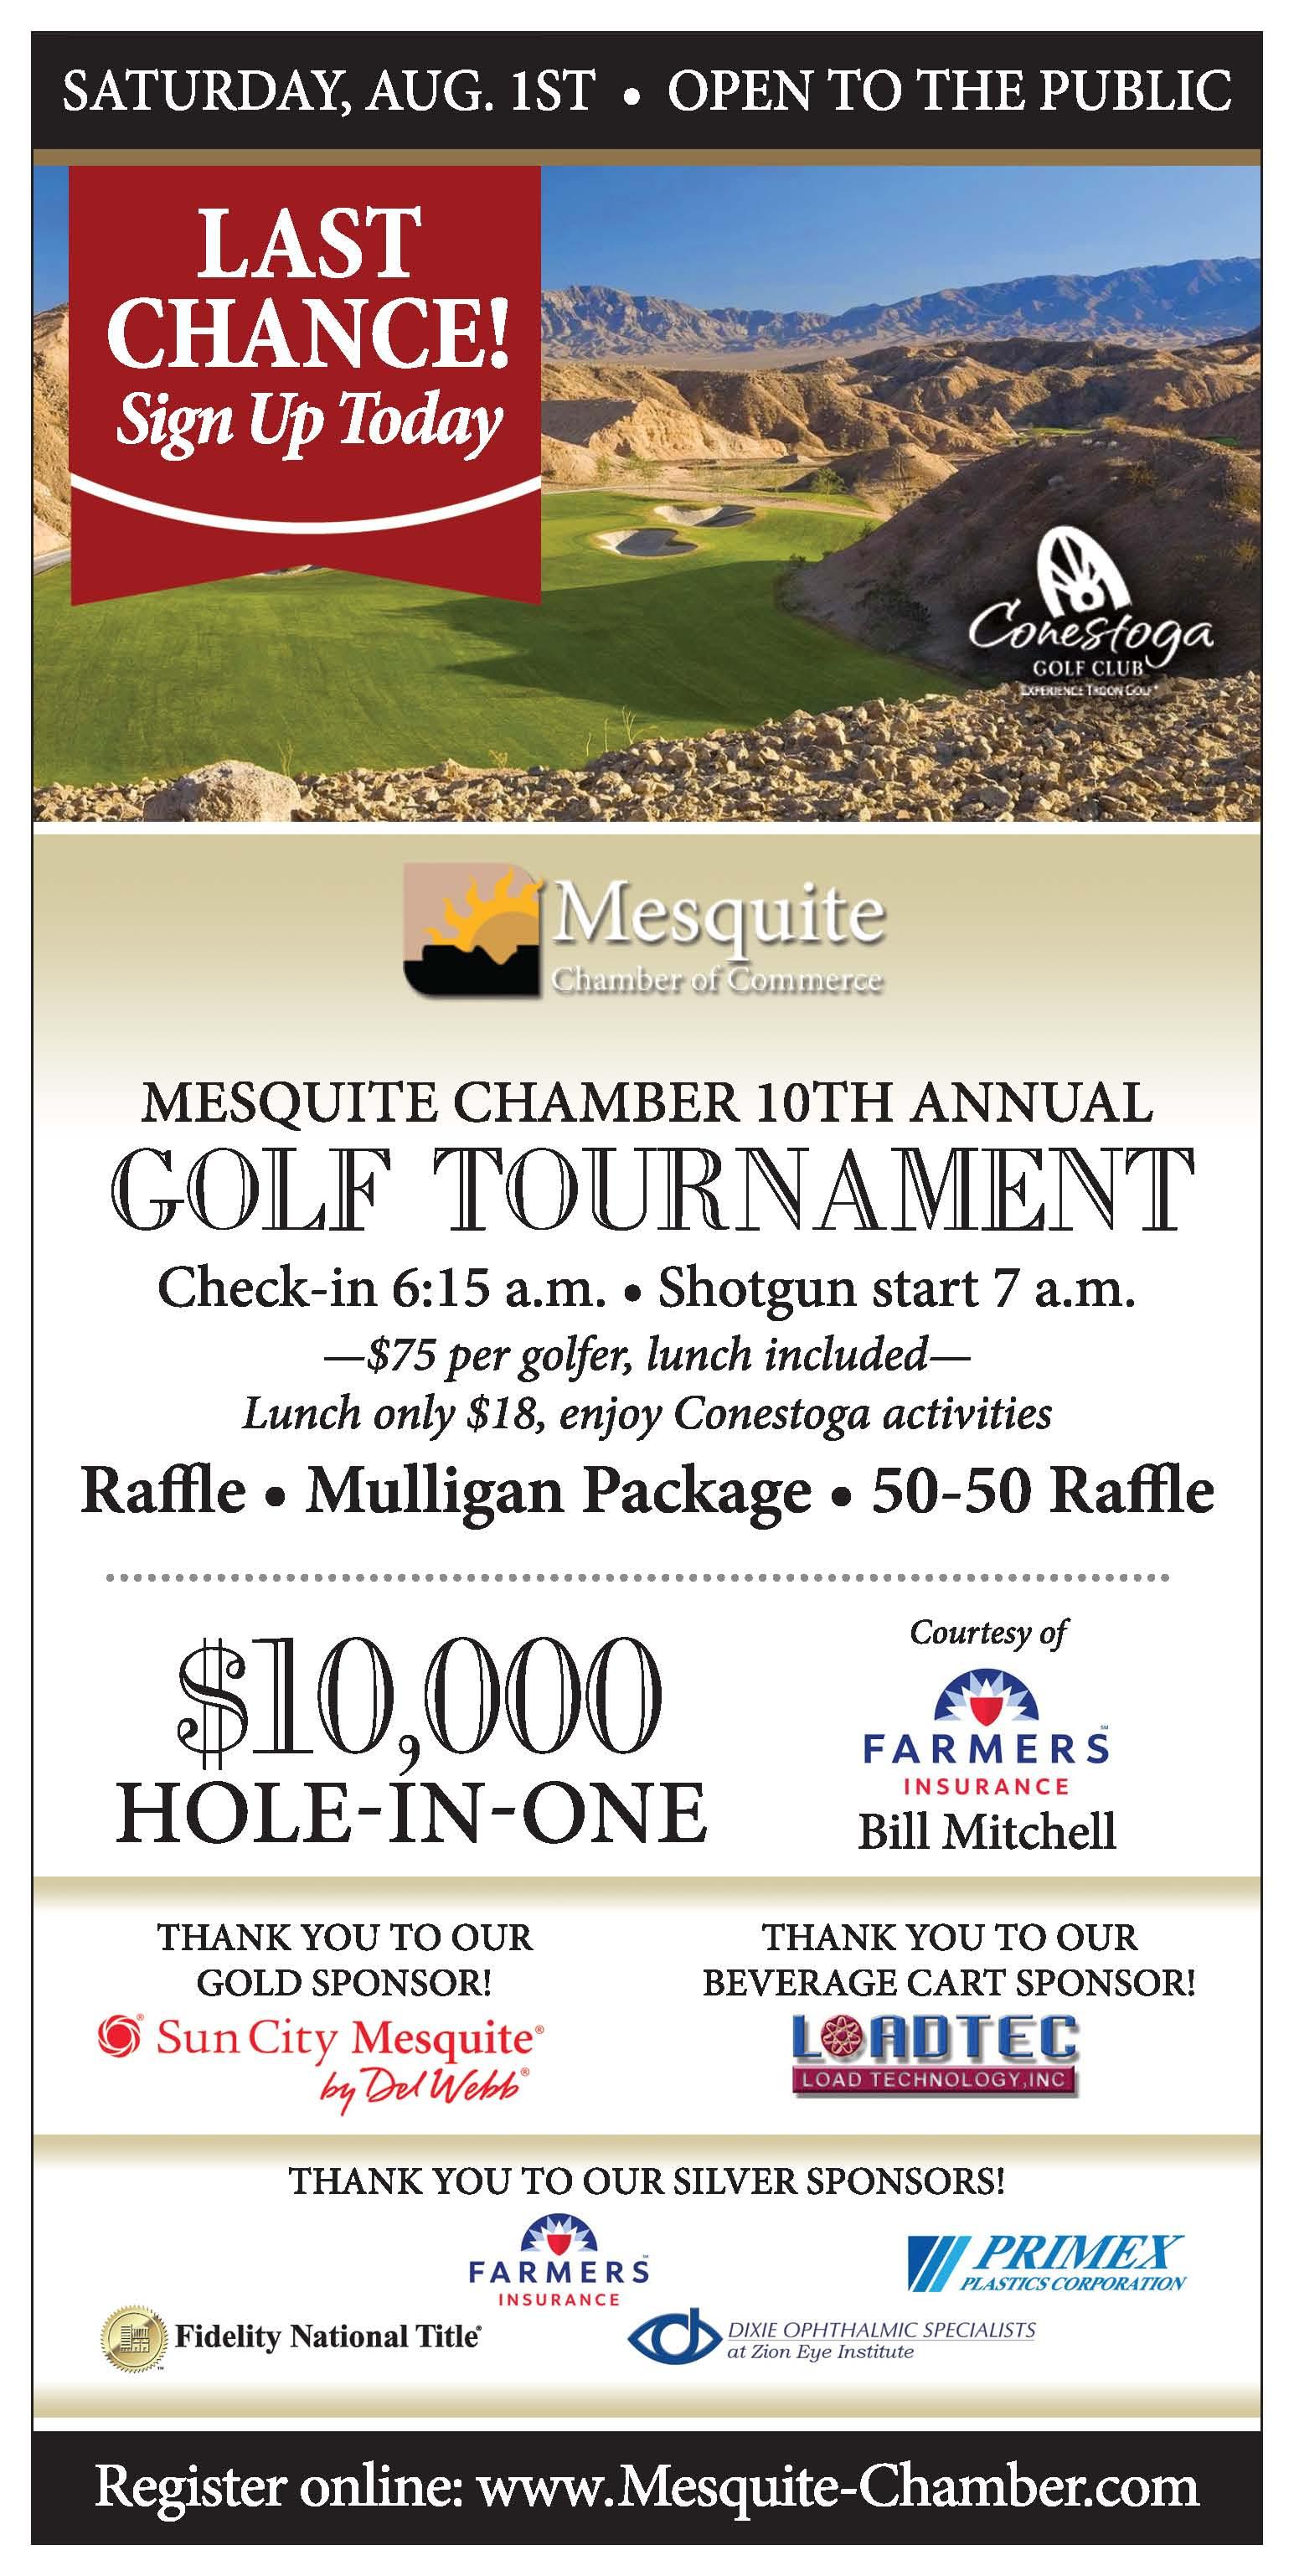 Major Sponsors Partner with Mesquite Chamber Of Commerce